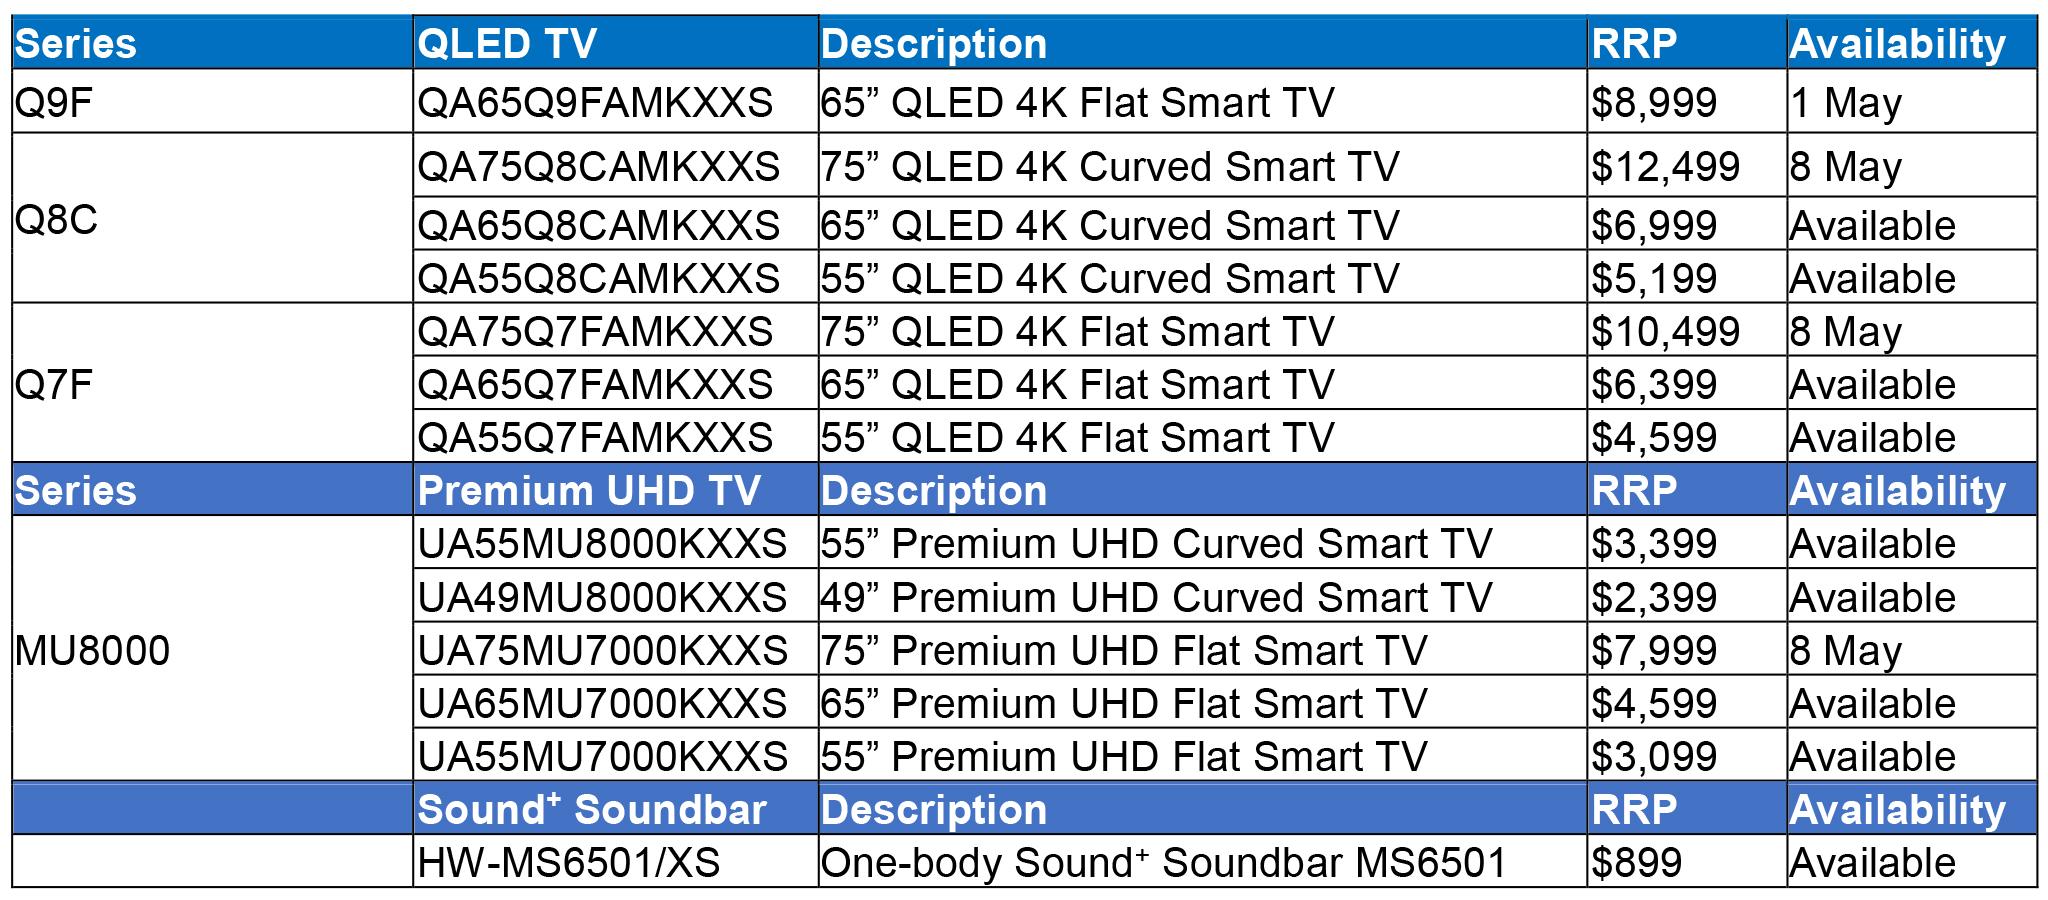 New arrival: Samsung QLED TVs in Singapore – Q7F, Q8C, Q9F